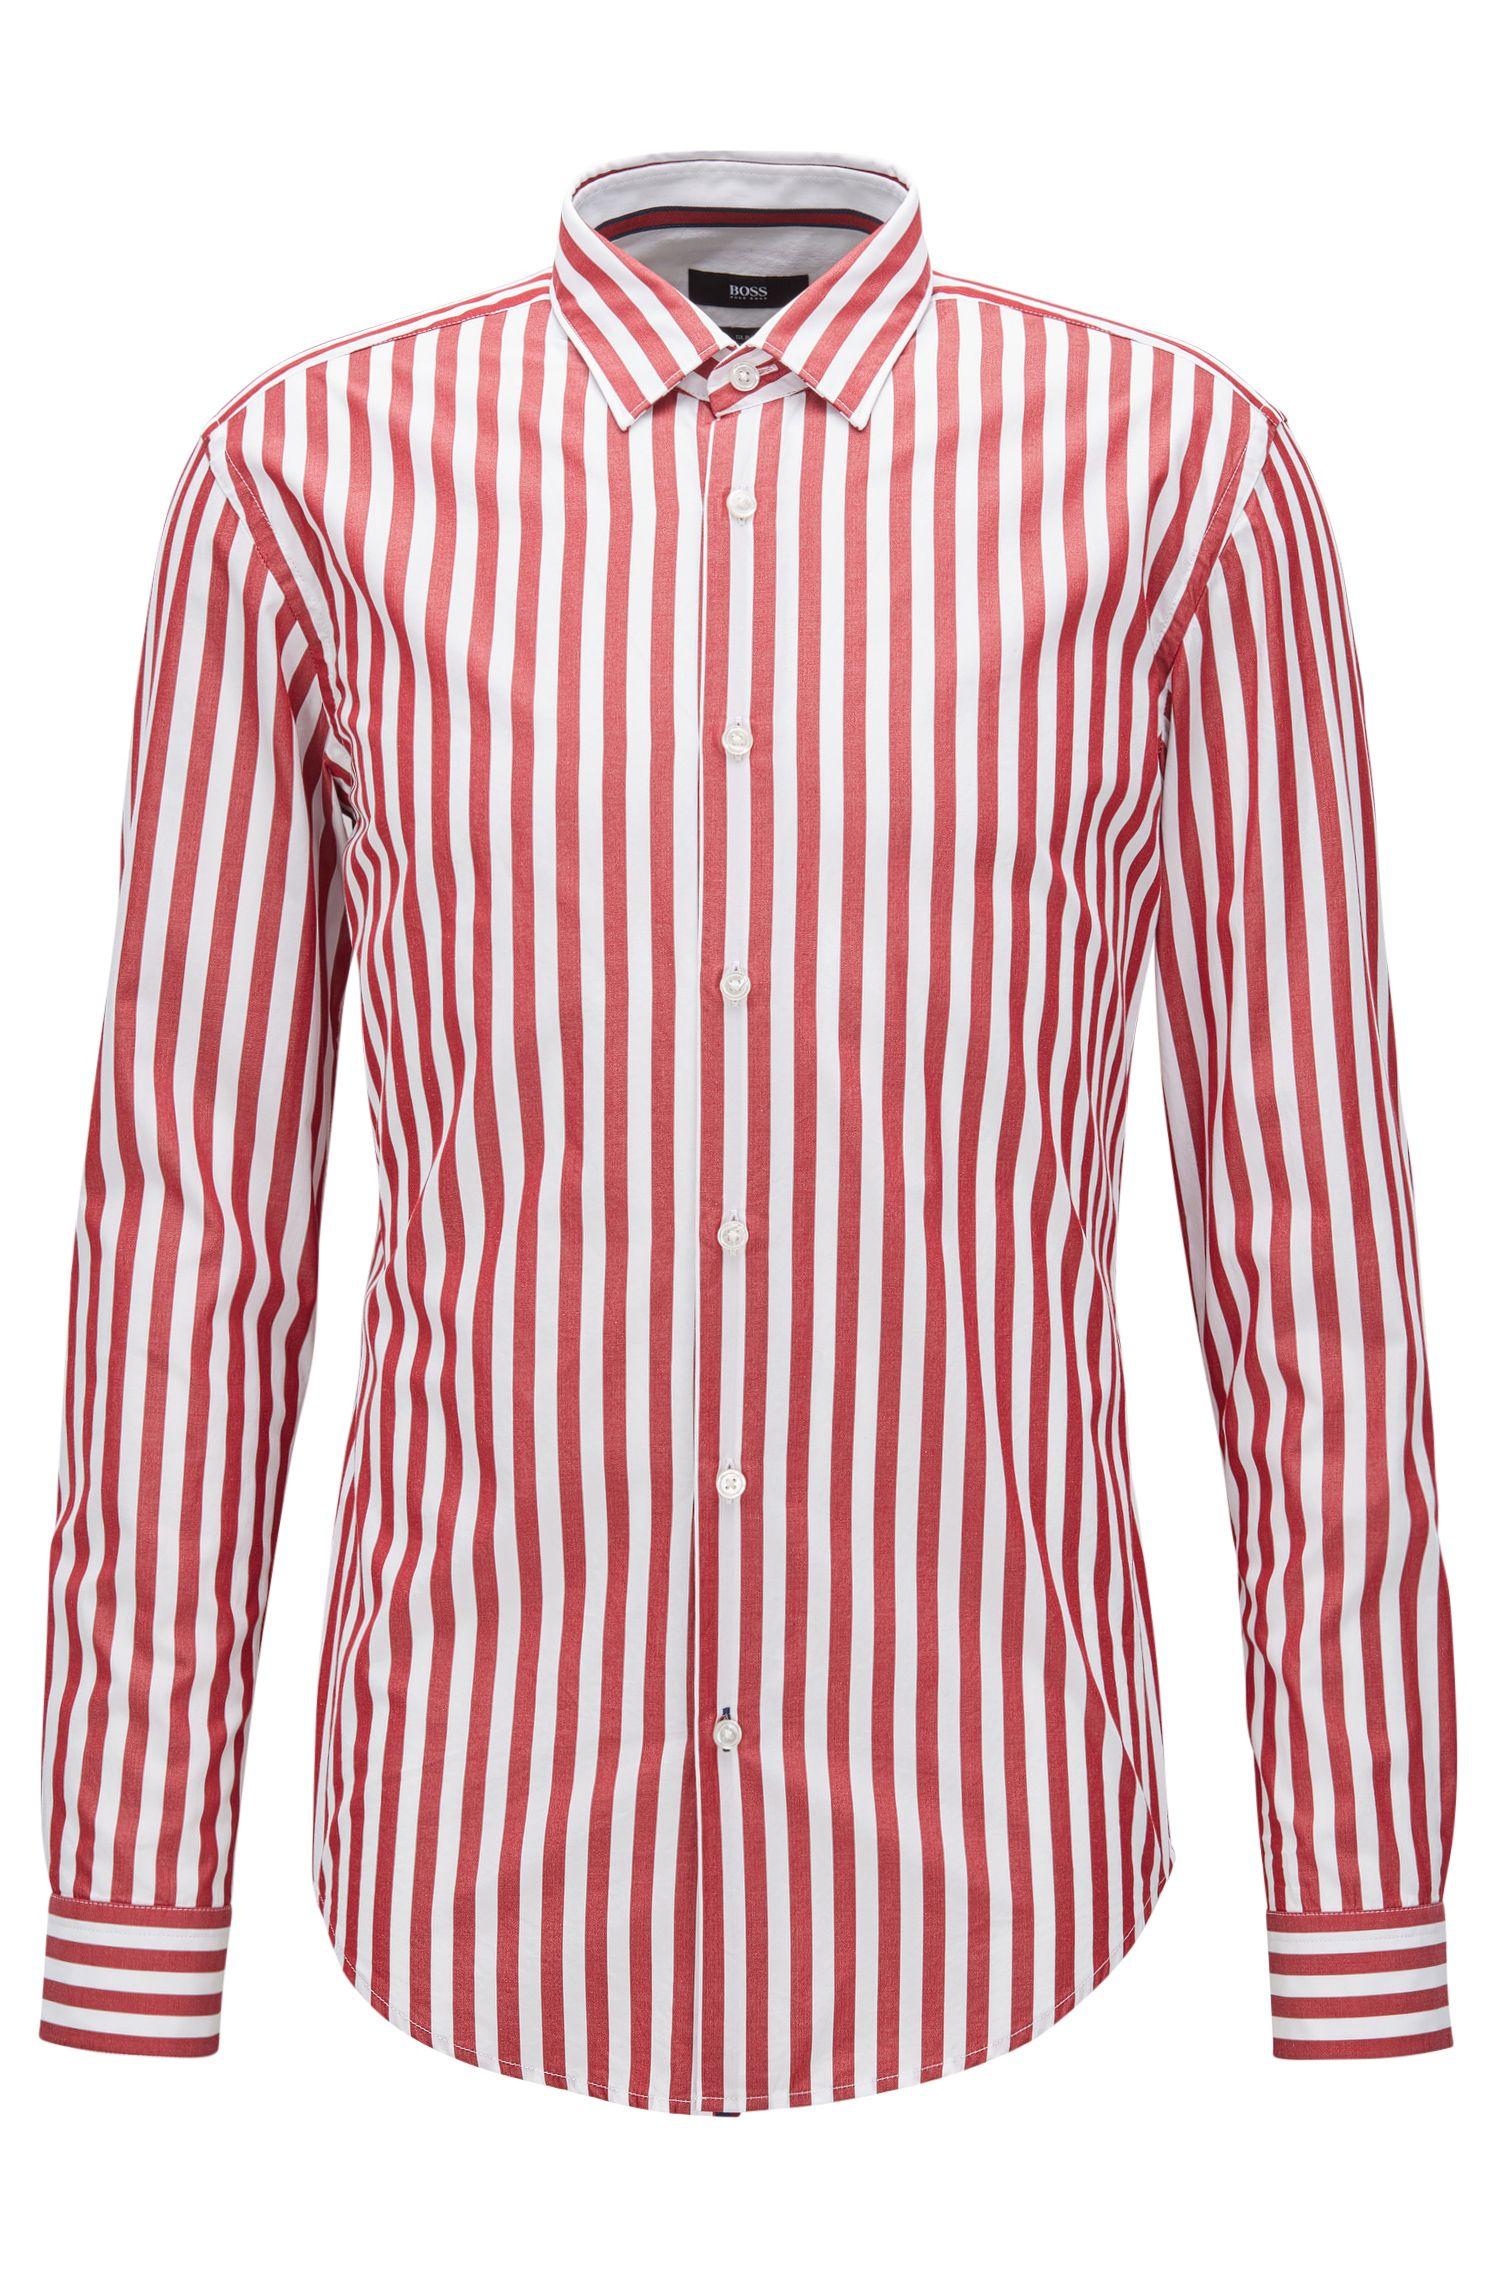 Slim-fit overhemd van gewassen katoen met brede strepen